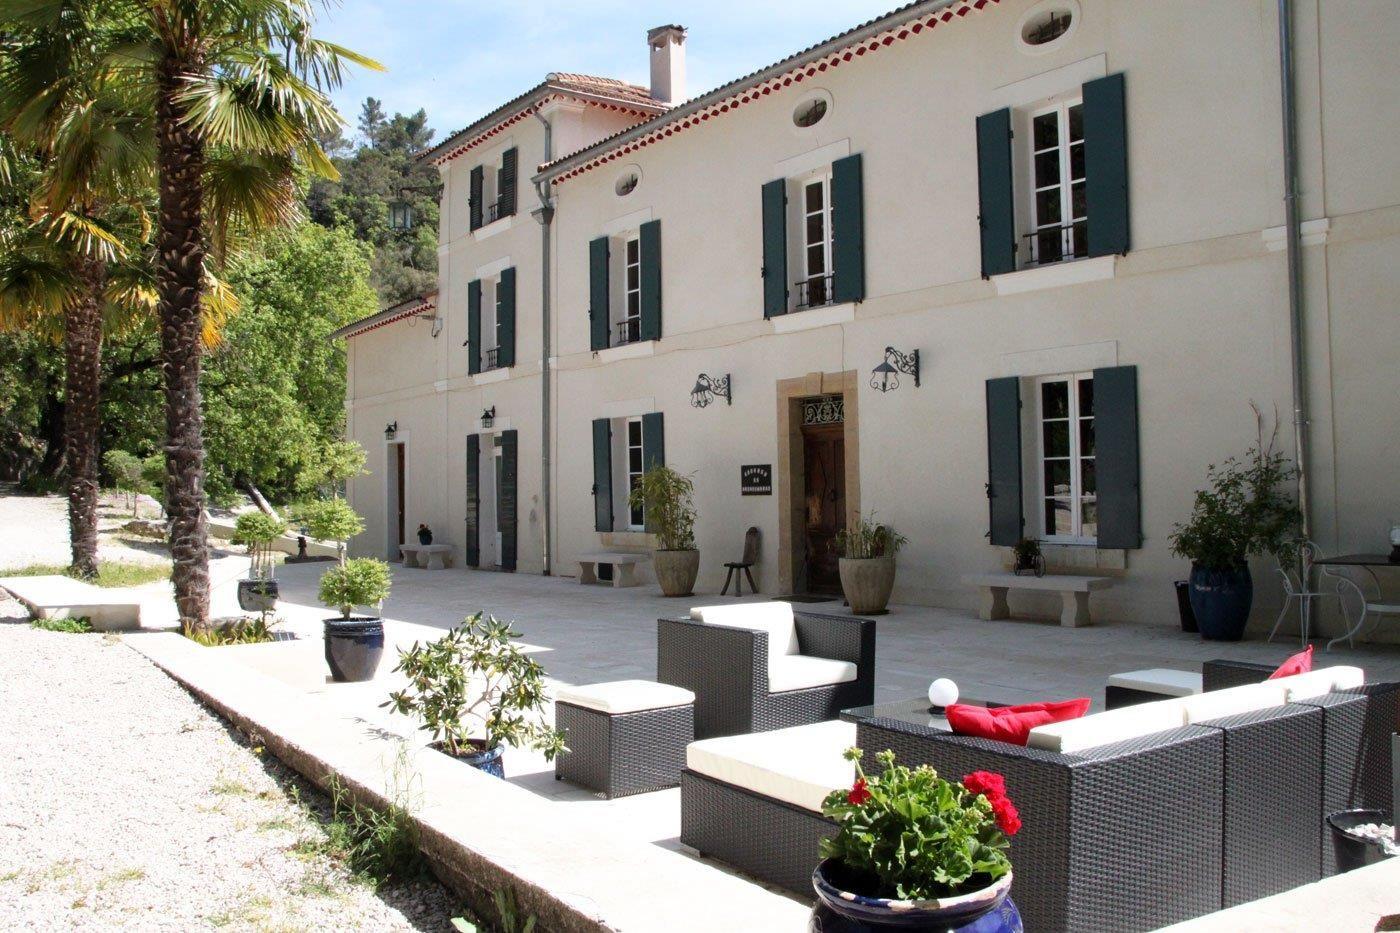 Gite Champetre Au Coeur De La Provence Le castellet